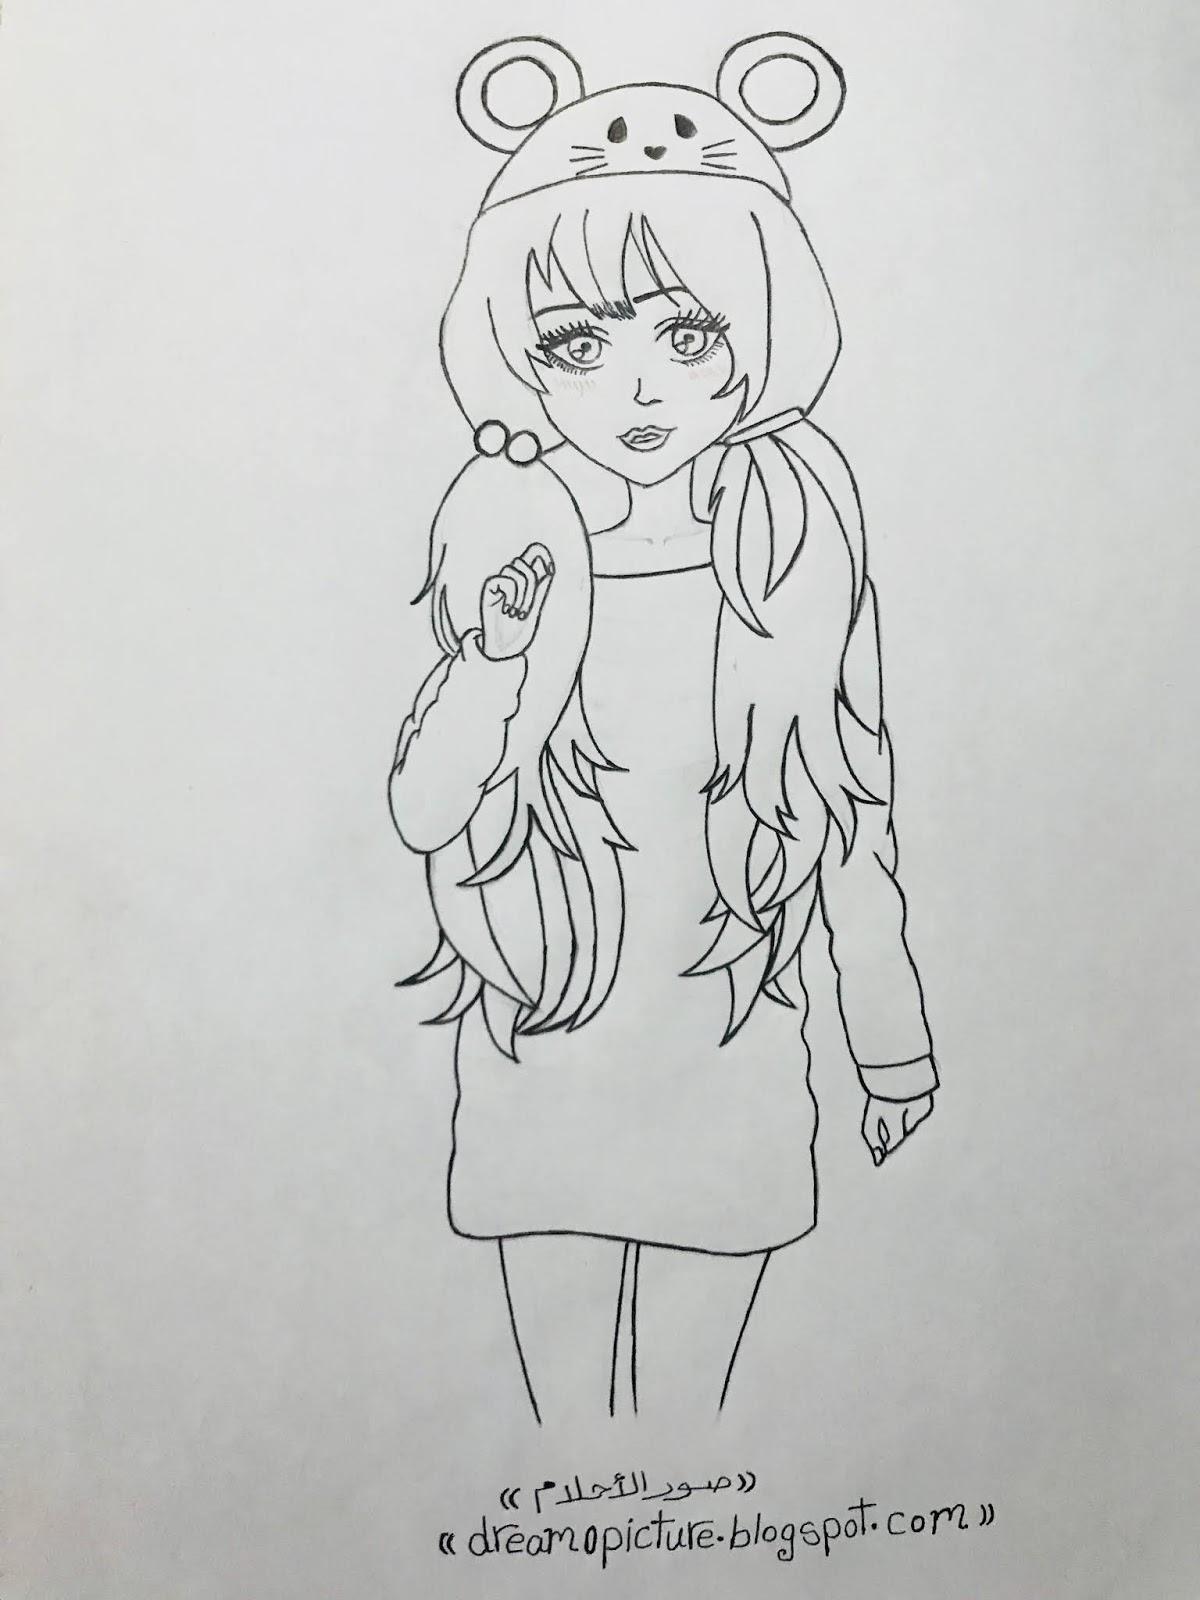 كيفية رسم رسومات بنات كيوت بالرصاص سهله Images Gallery